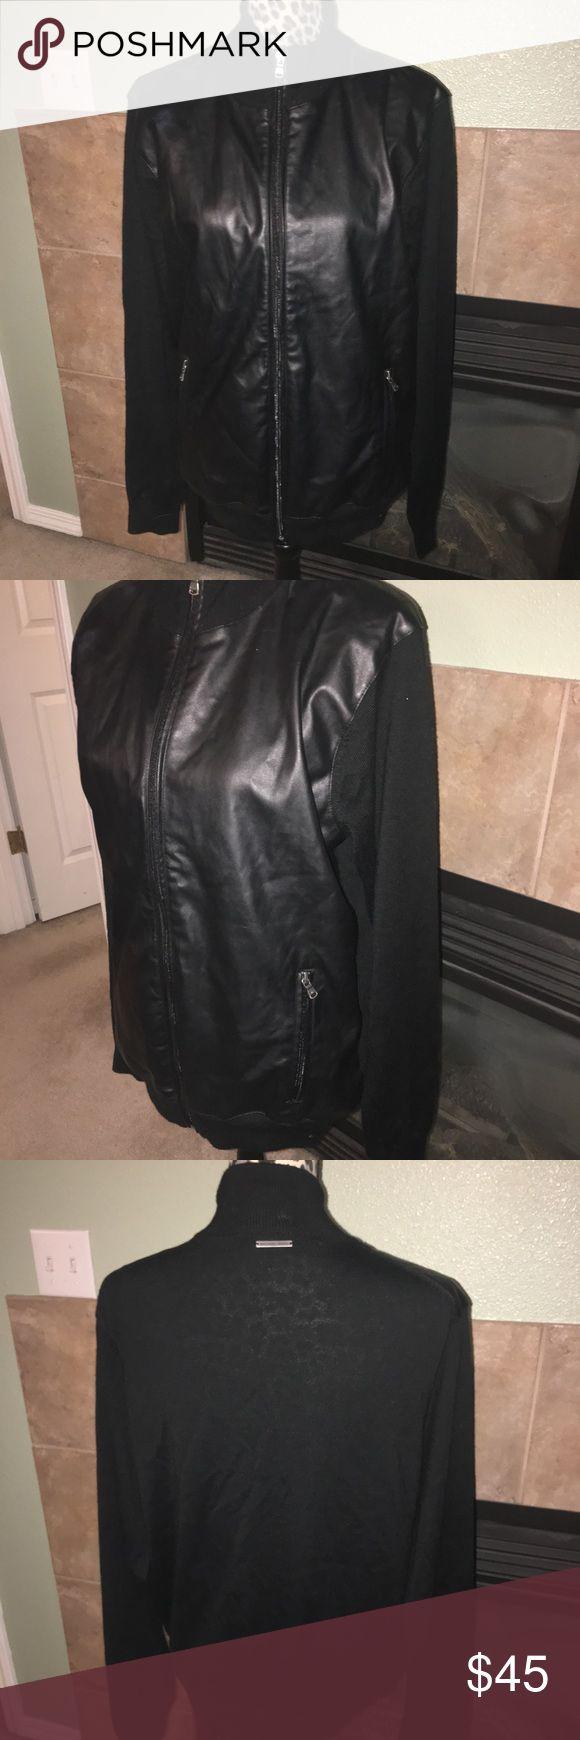 Michael Kors men's jacket Michael Kors men's jacket size large KORS Michael Kors Jackets & Coats